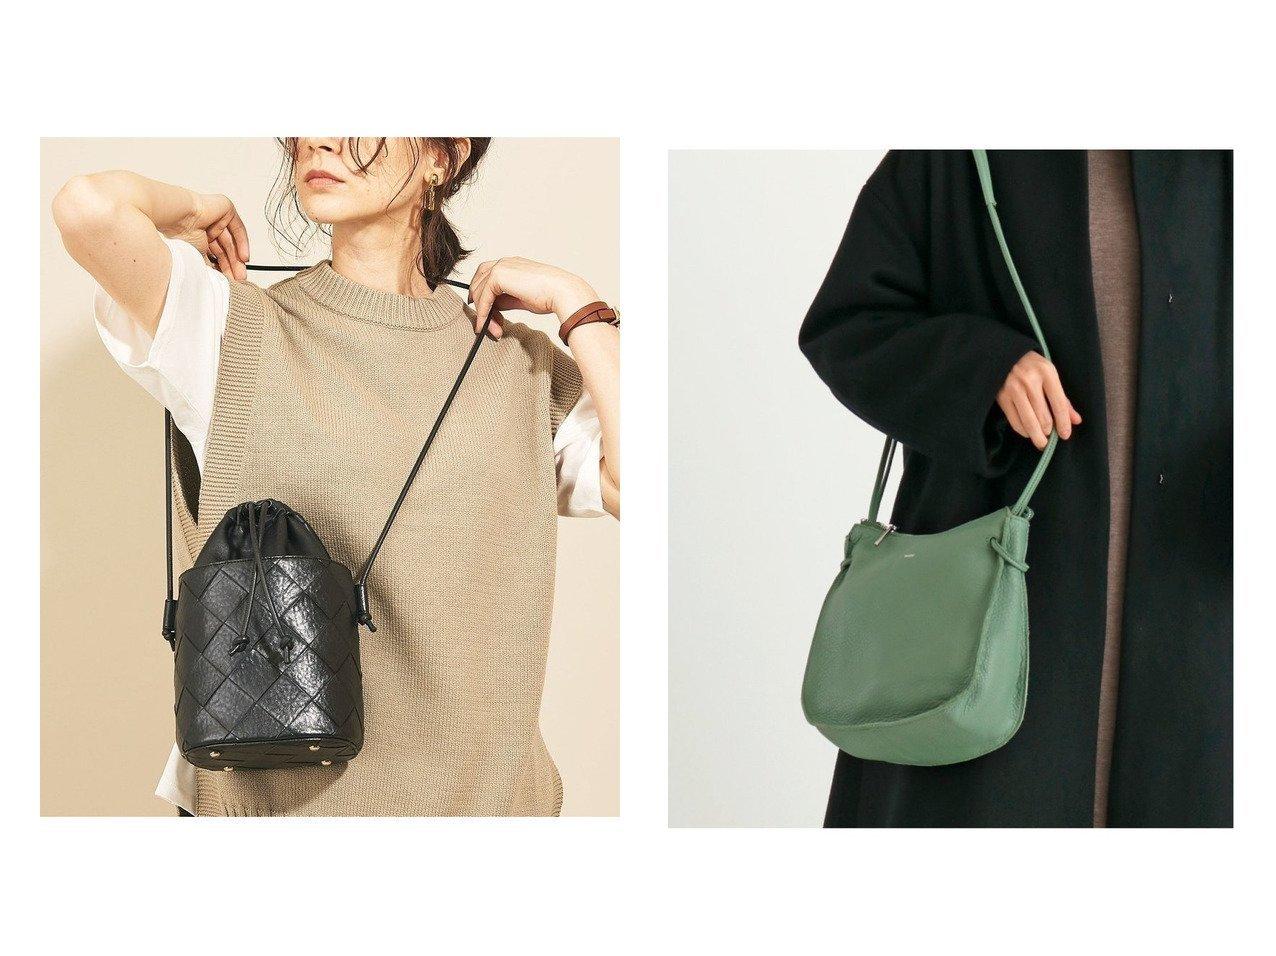 【nouer/ヌエール】のカウレザーラウンドショルダーバッグ&【BEAUTY&YOUTH UNITED ARROWS/ビューティアンド ユースユナイテッドアローズ】のBY メッシュボトル ドローストショルダーバッグ -2WAY- バッグ・鞄のおすすめ!人気、トレンド・レディースファッションの通販  おすすめで人気の流行・トレンド、ファッションの通販商品 メンズファッション・キッズファッション・インテリア・家具・レディースファッション・服の通販 founy(ファニー) https://founy.com/ ファッション Fashion レディースファッション WOMEN バッグ Bag トレンド ポケット メッシュ 春 財布 |ID:crp329100000009103